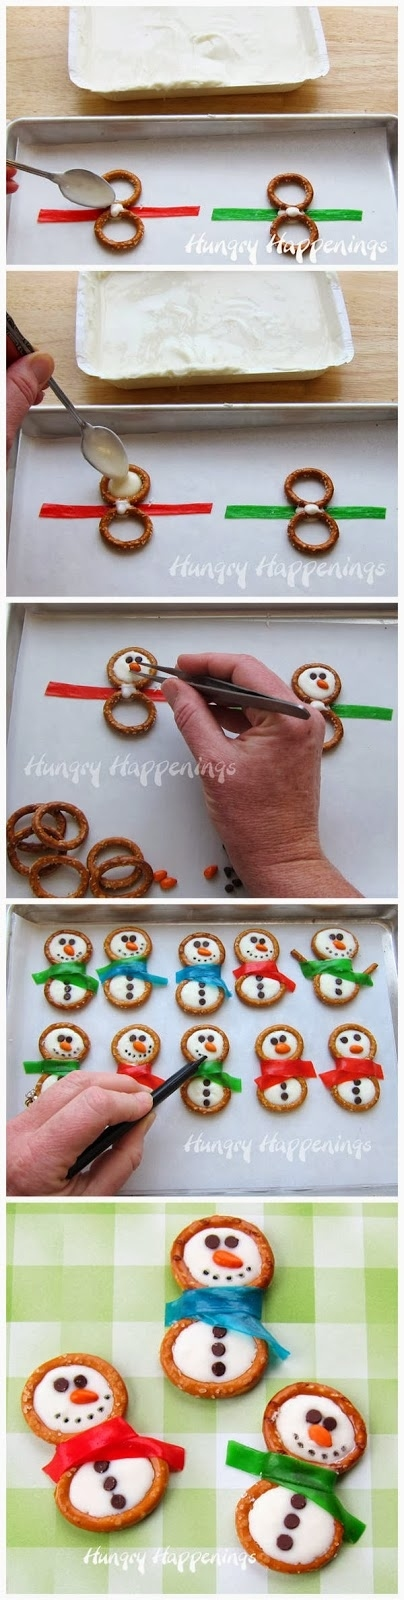 Δαχτυλίδια κουλουράκι, Φρούτα Roll-Ups, και πάγωμα είναι ένας εύκολος τρόπος για να κάνει νόστιμα μπισκότα χιονάνθρωπο.